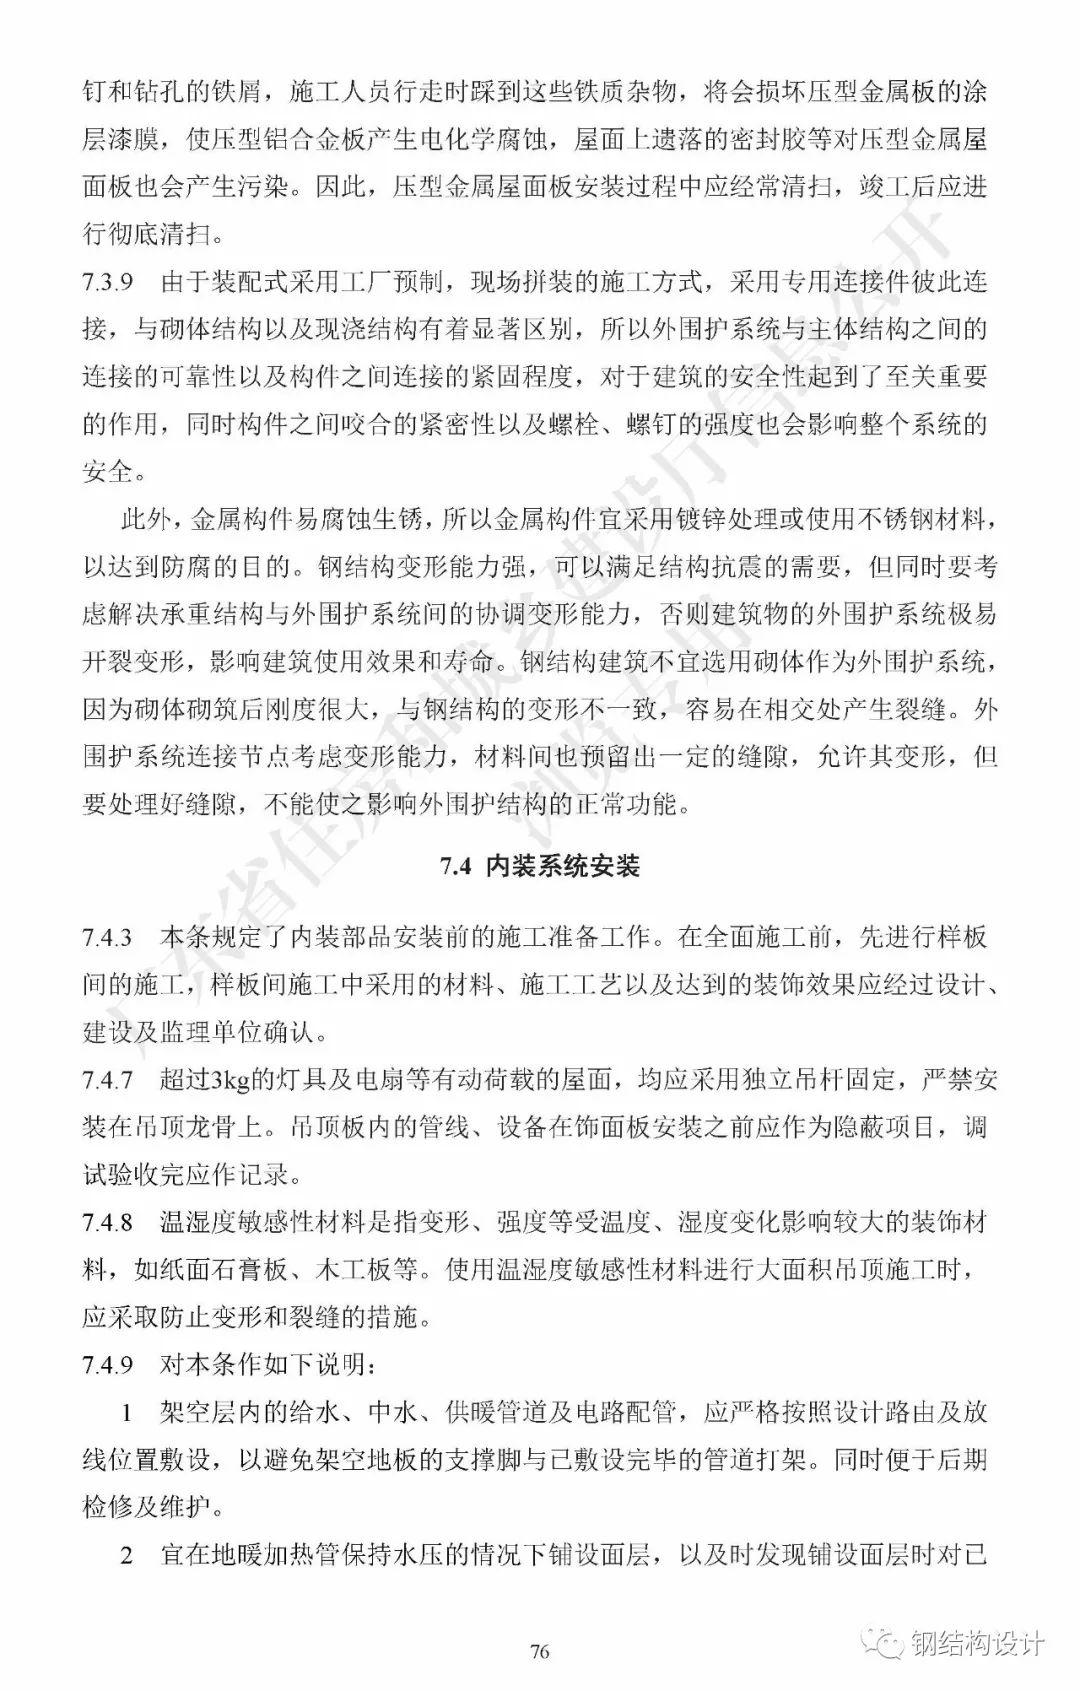 广东省《装配式钢结构建筑技术规程》发布_86